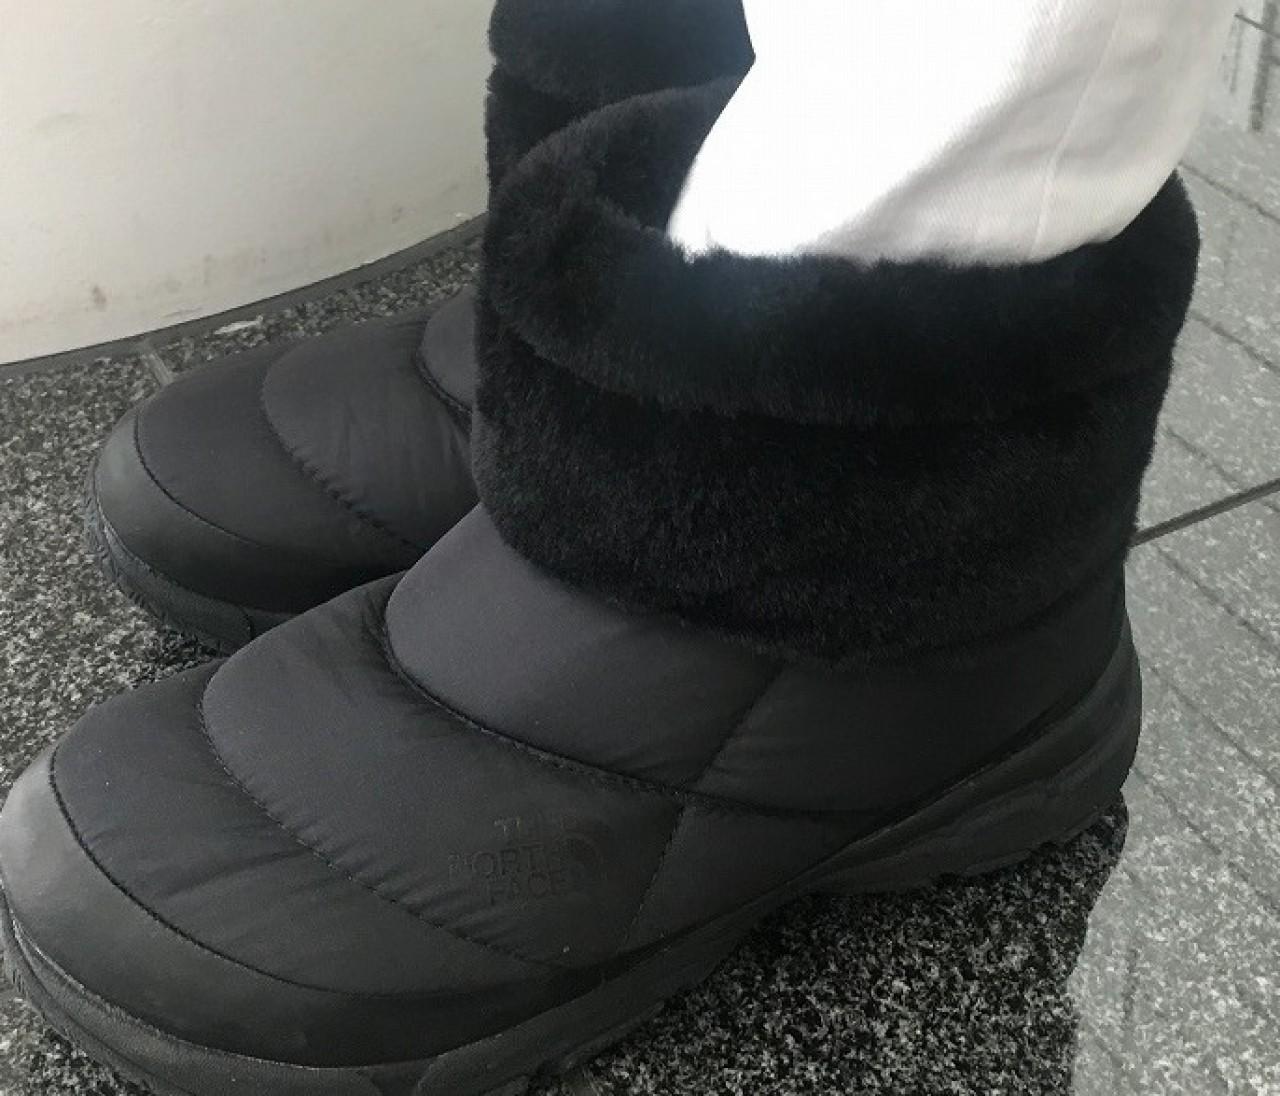 極寒なのに足もとぽかぽか♡ 暖かすぎて手放せない愛用ブーツ